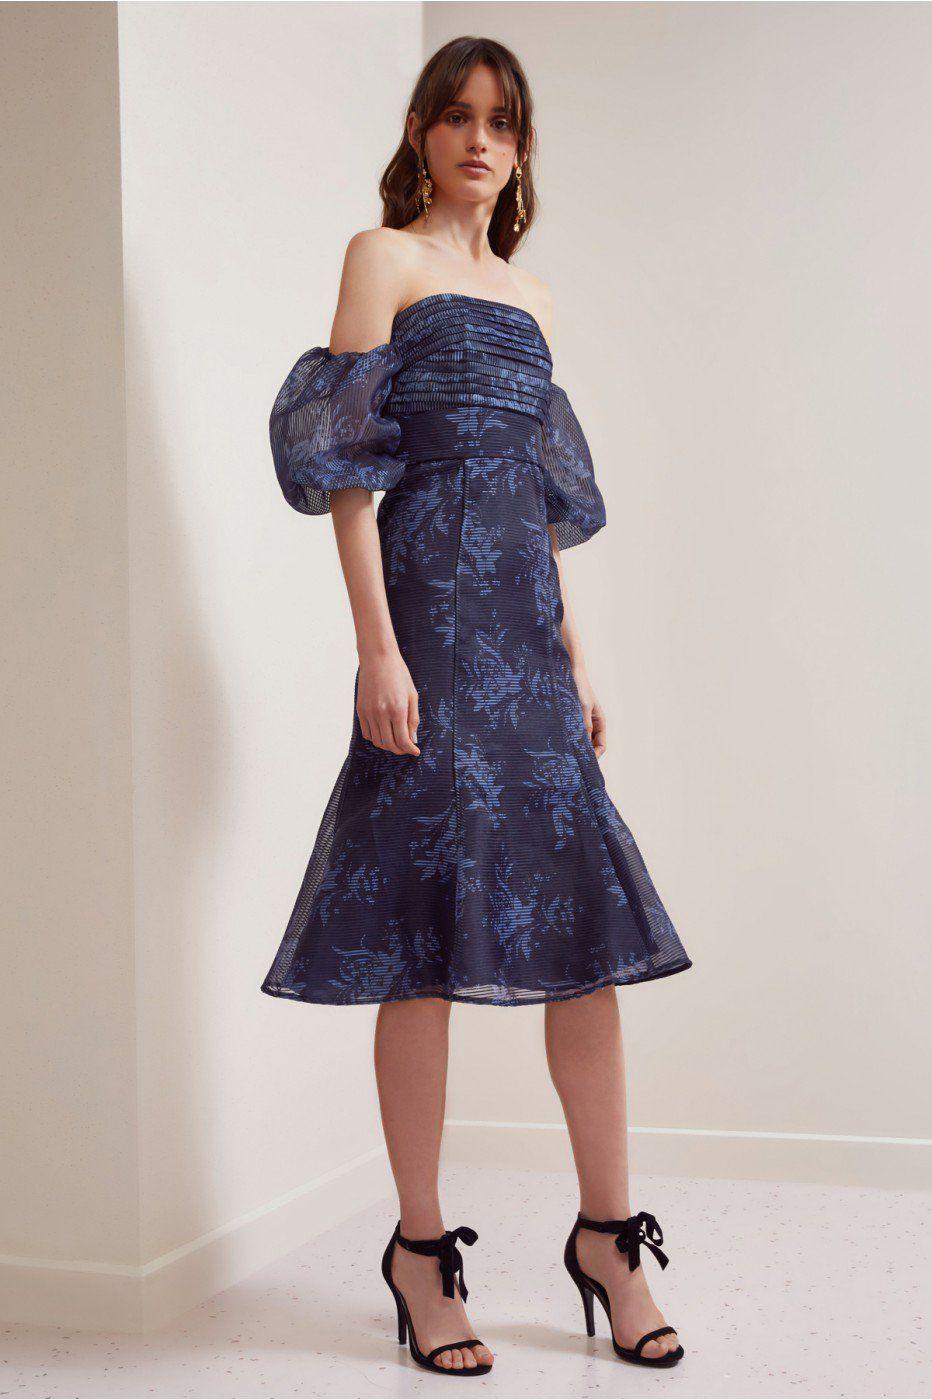 Keepsake Stand Tall Midi Dress Navy Stencil Floral Dresses Buy Midi Dress Midi Dresses Online [ 1400 x 932 Pixel ]